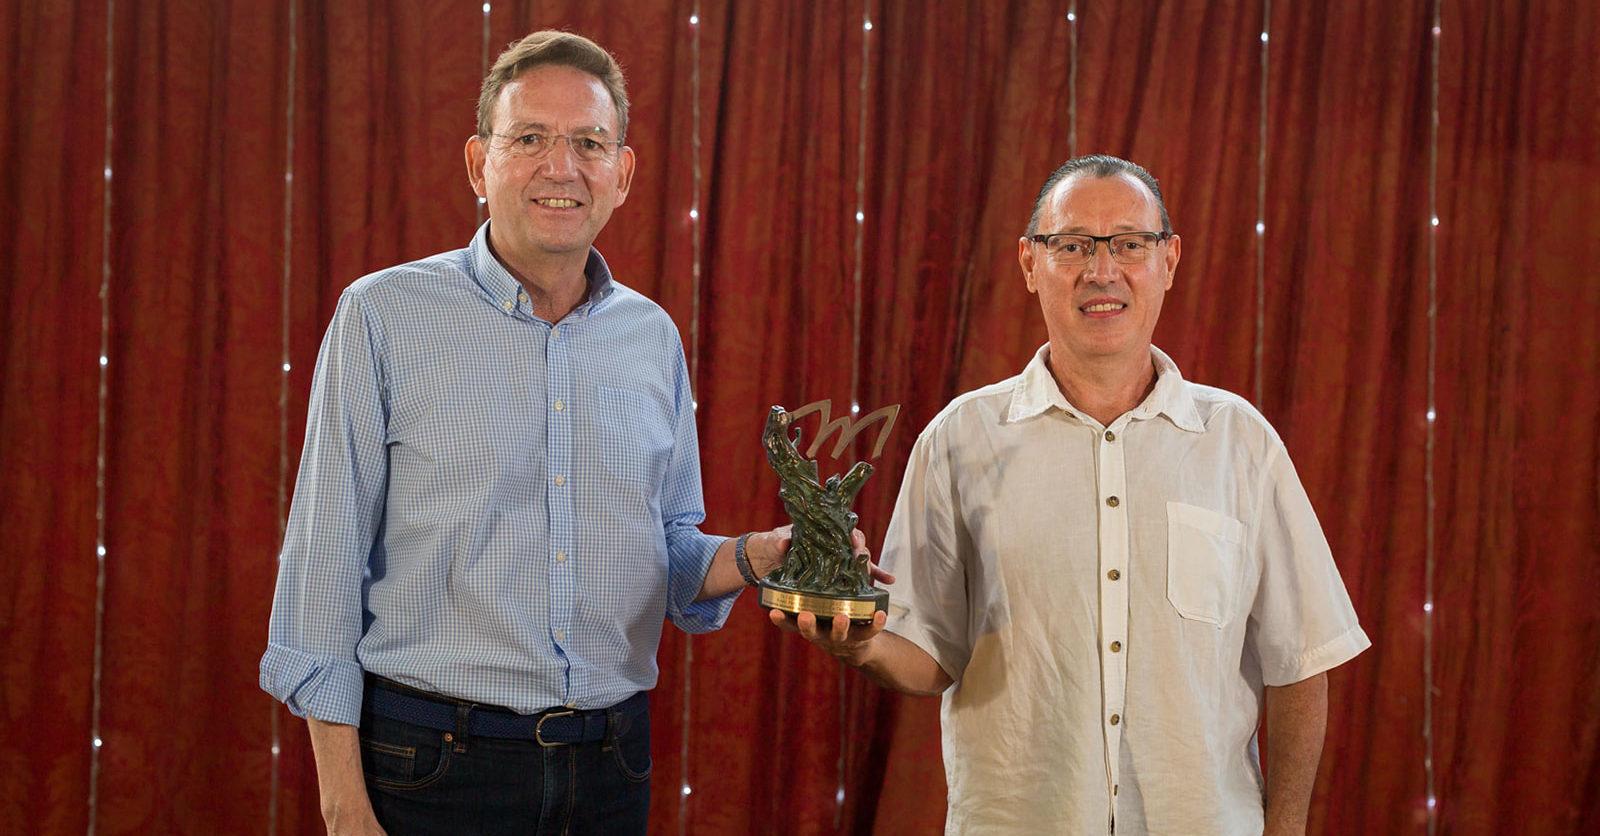 Canal 56 és guardonat amb el premi Pere Labernia durant la 7a edició dels Premis Maestrat Viu